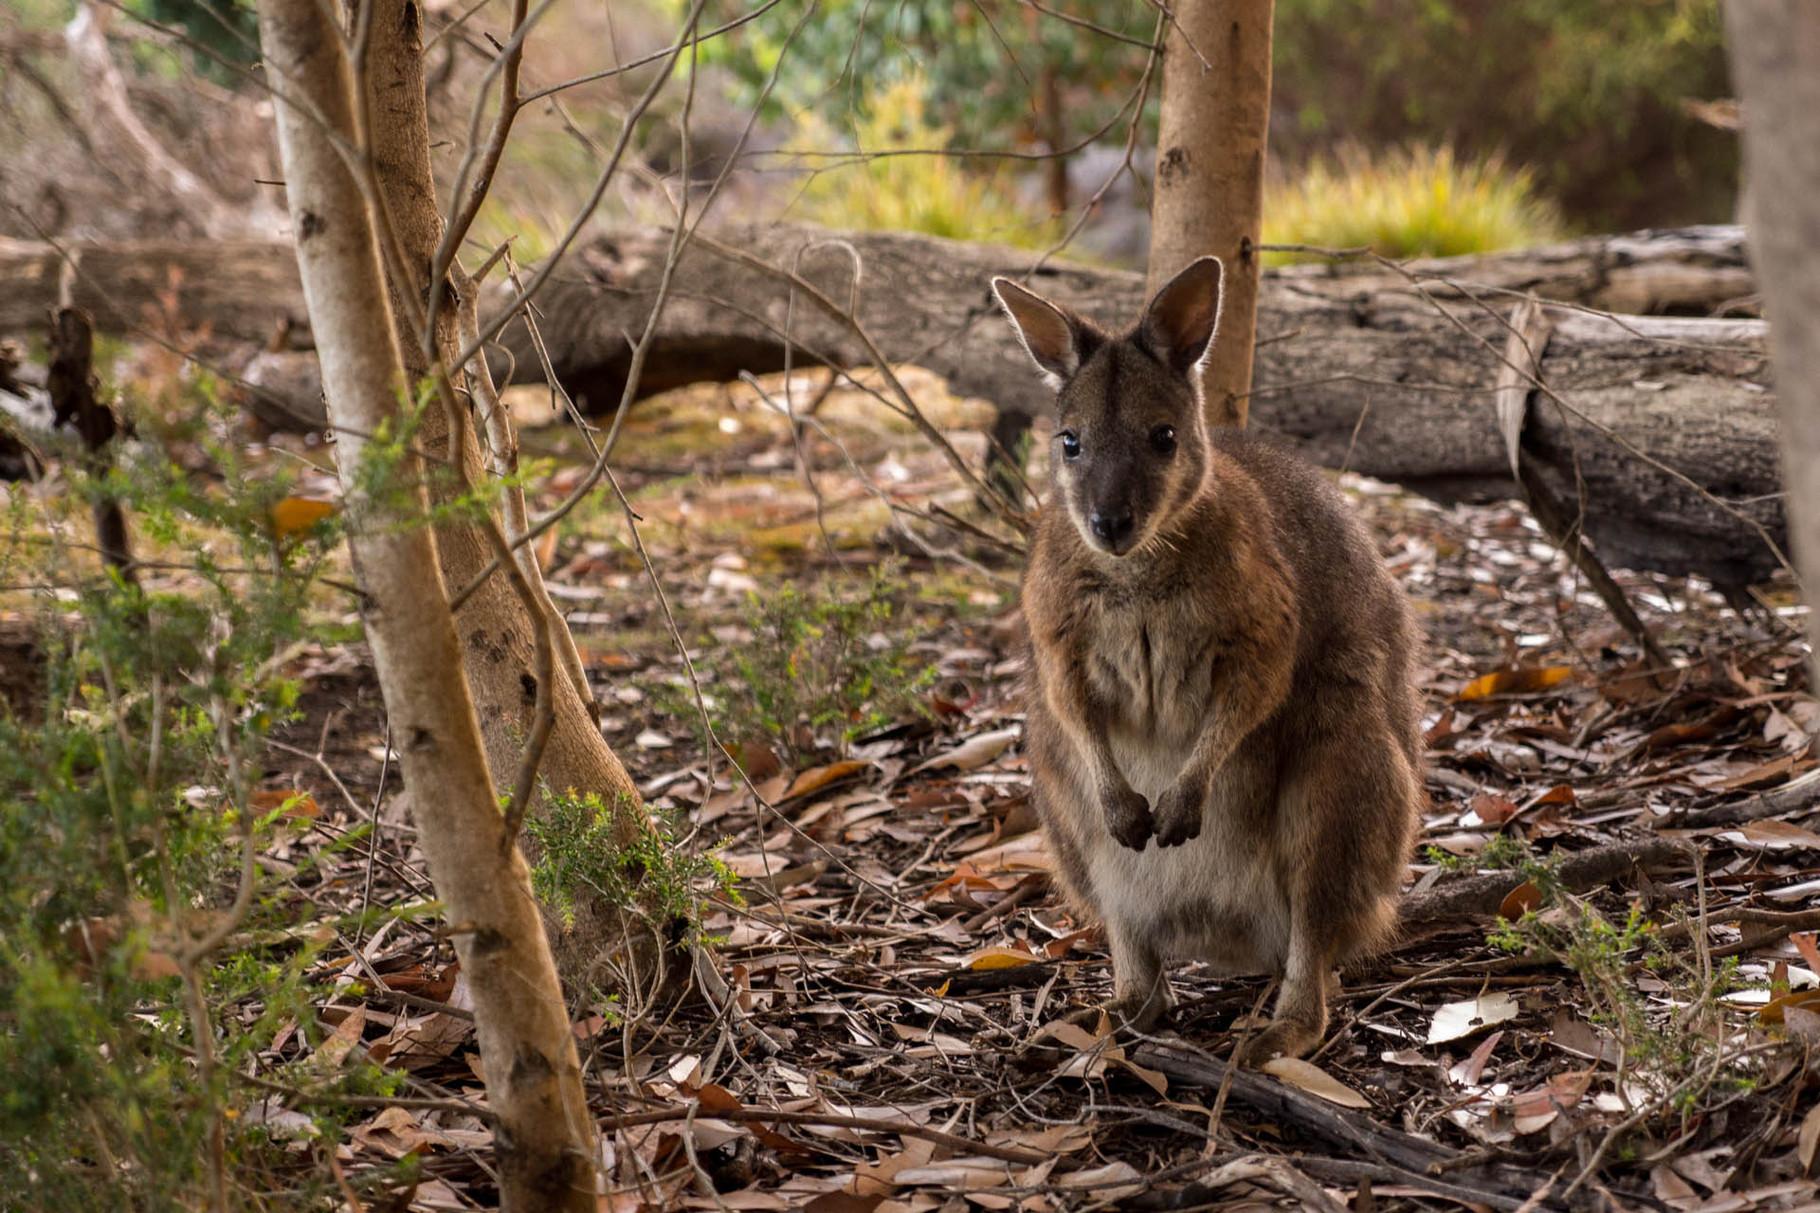 Wallaby [Tasmania, Australia, 2014]